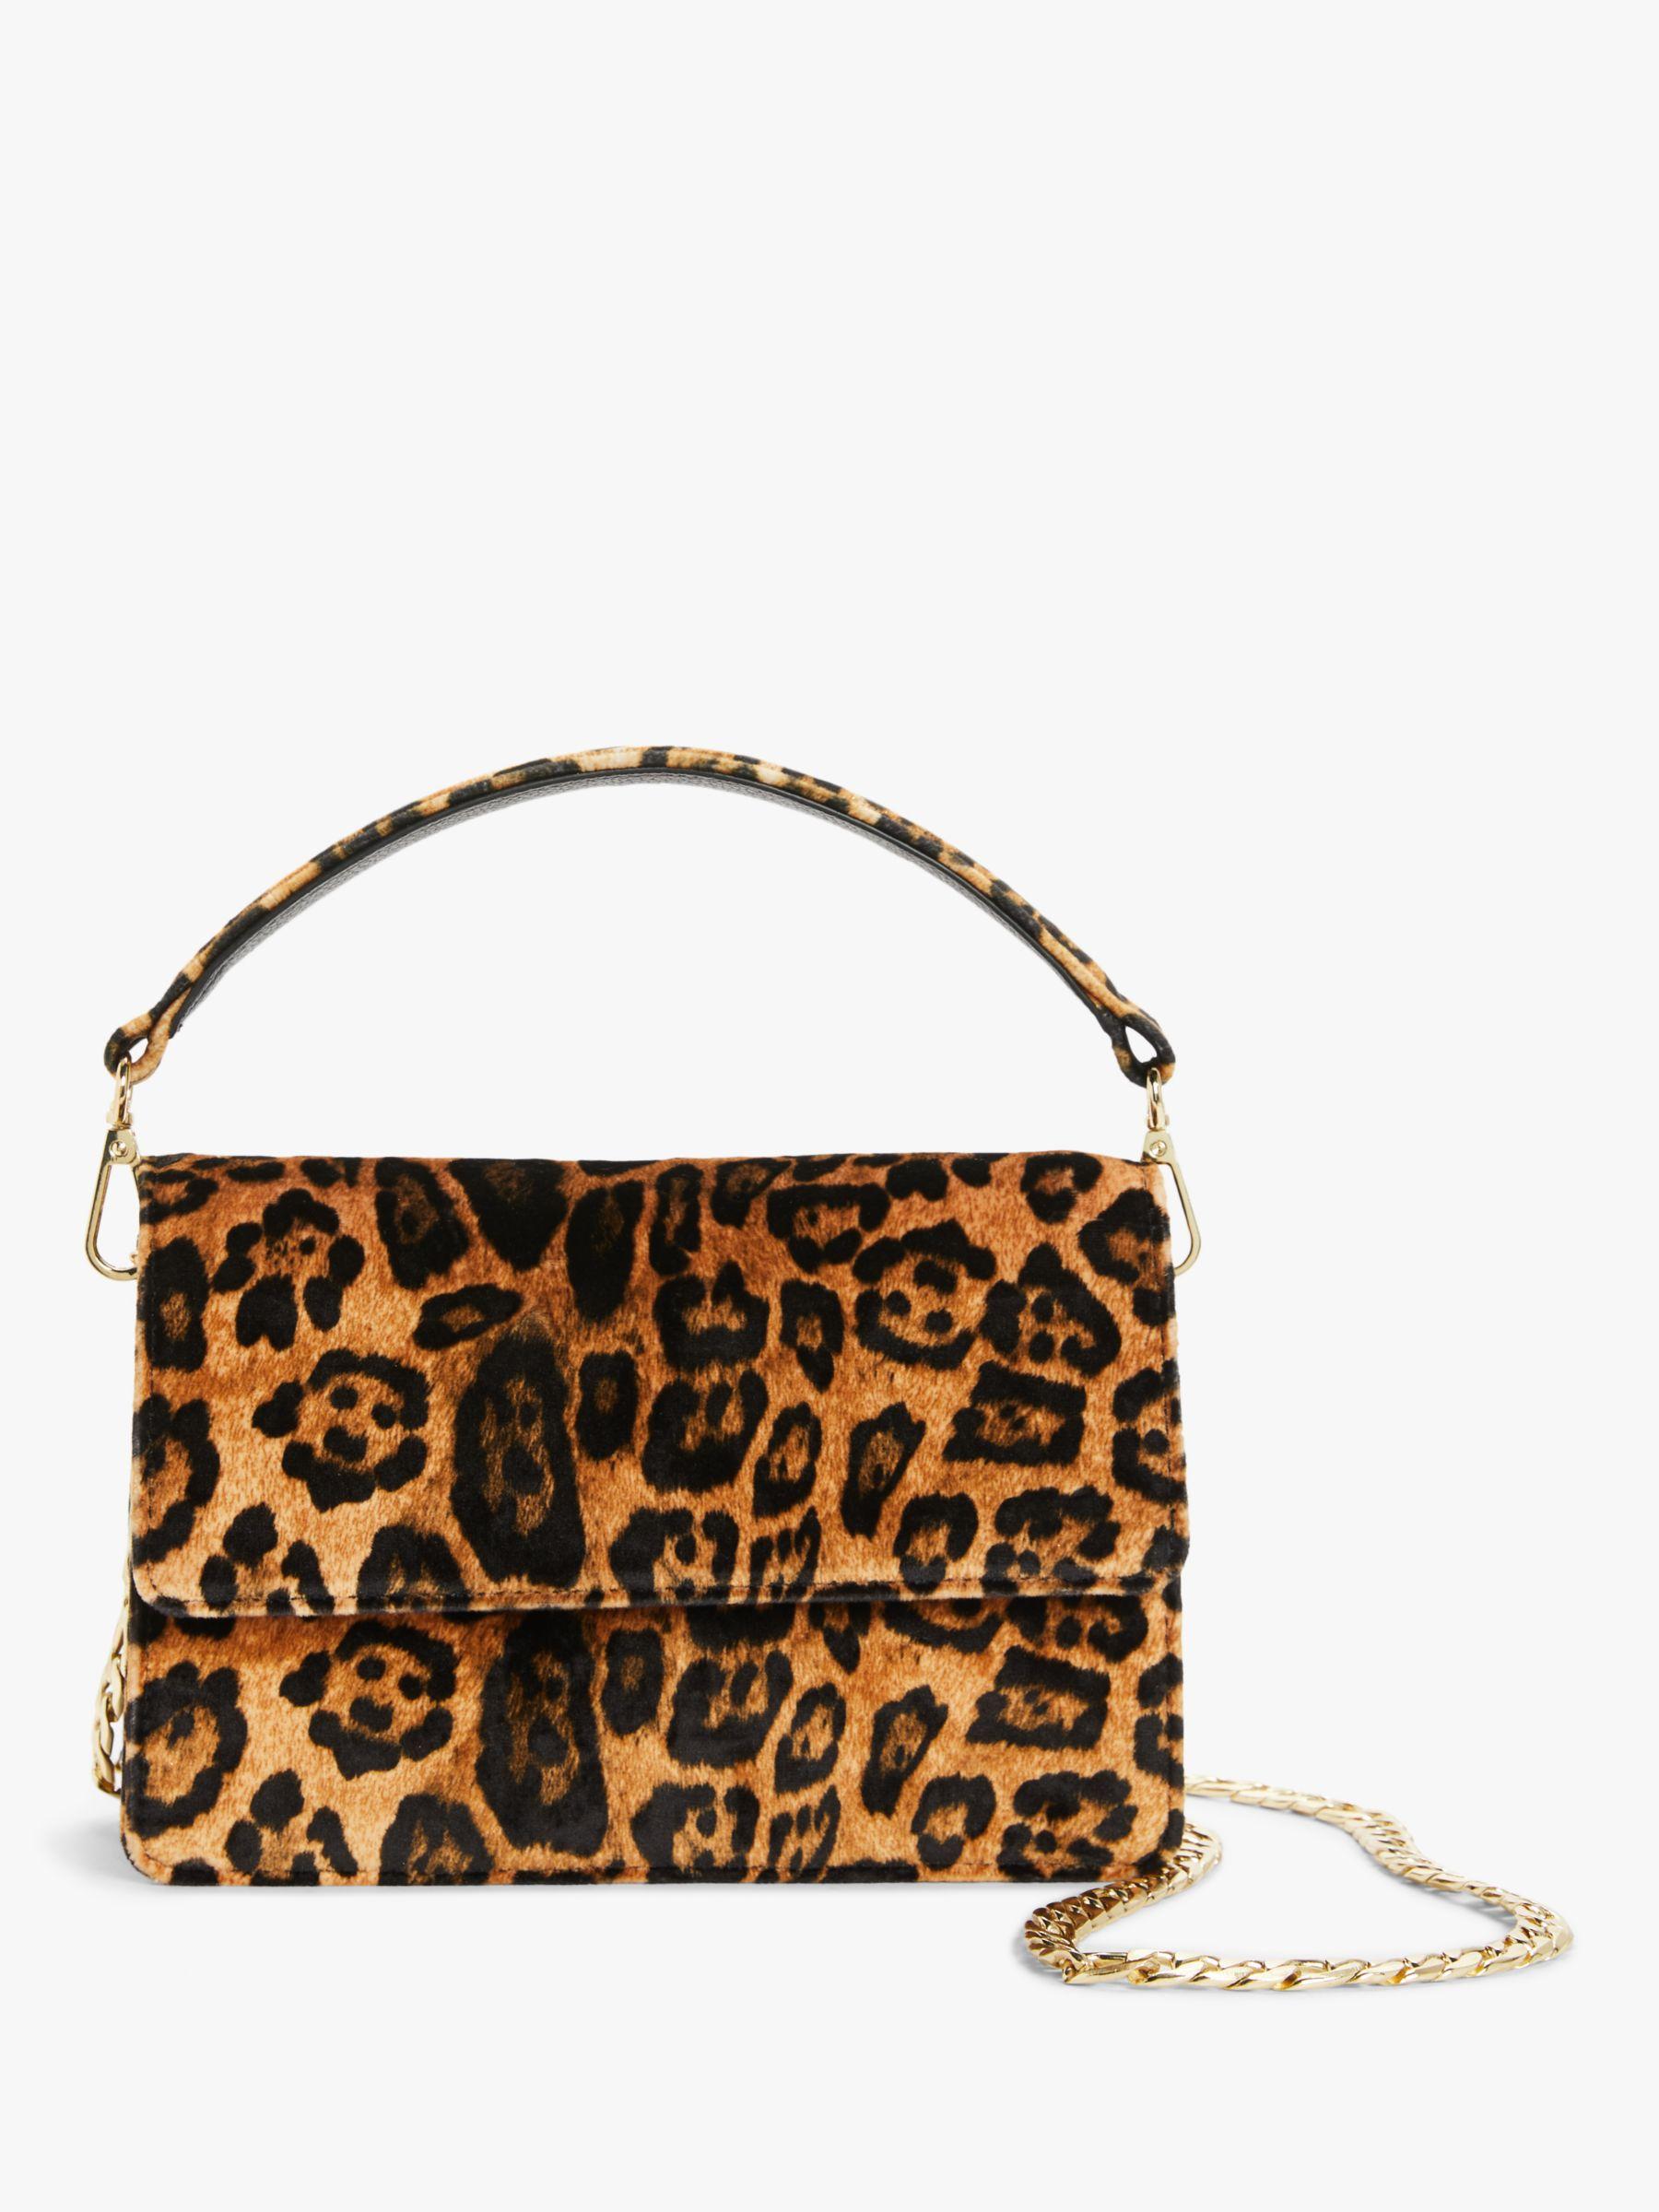 Becksondergaard Becksondergaard Leos Maik Leopard Print Bag, Brown